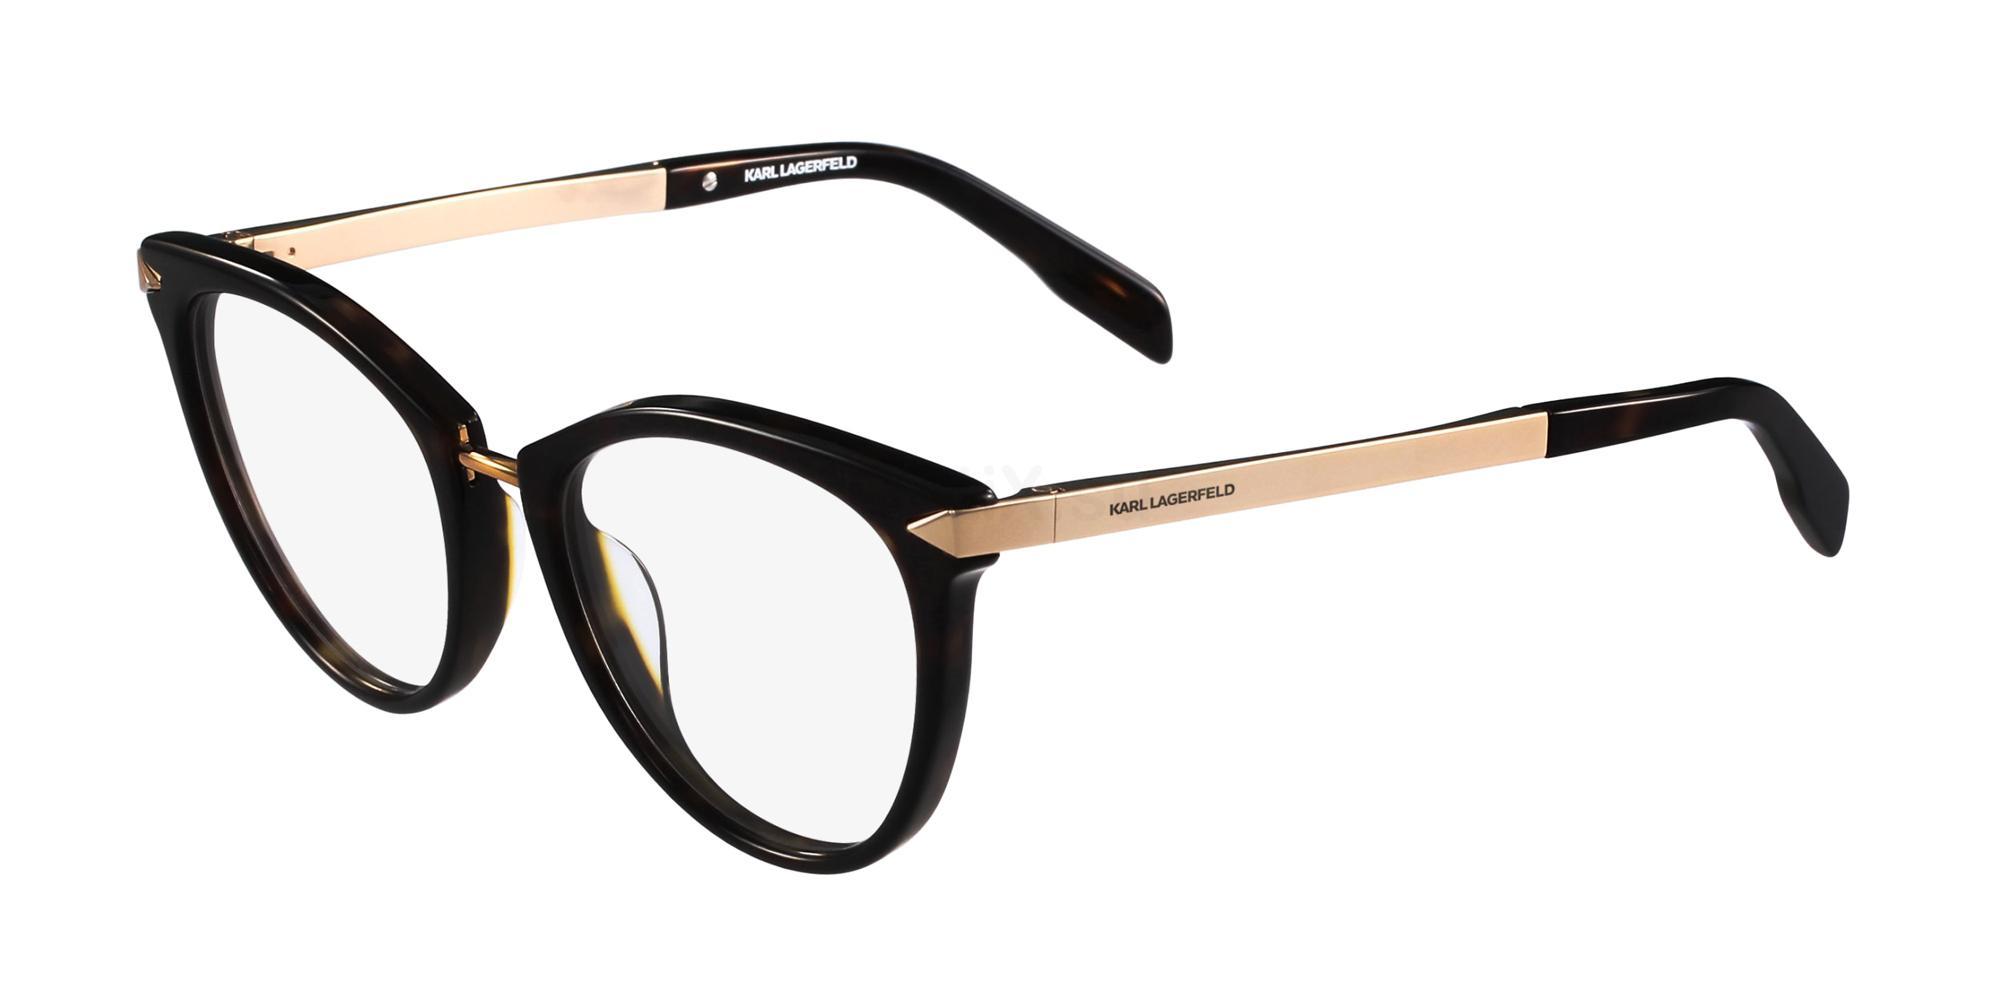 013 KL915 Glasses, Karl Lagerfeld